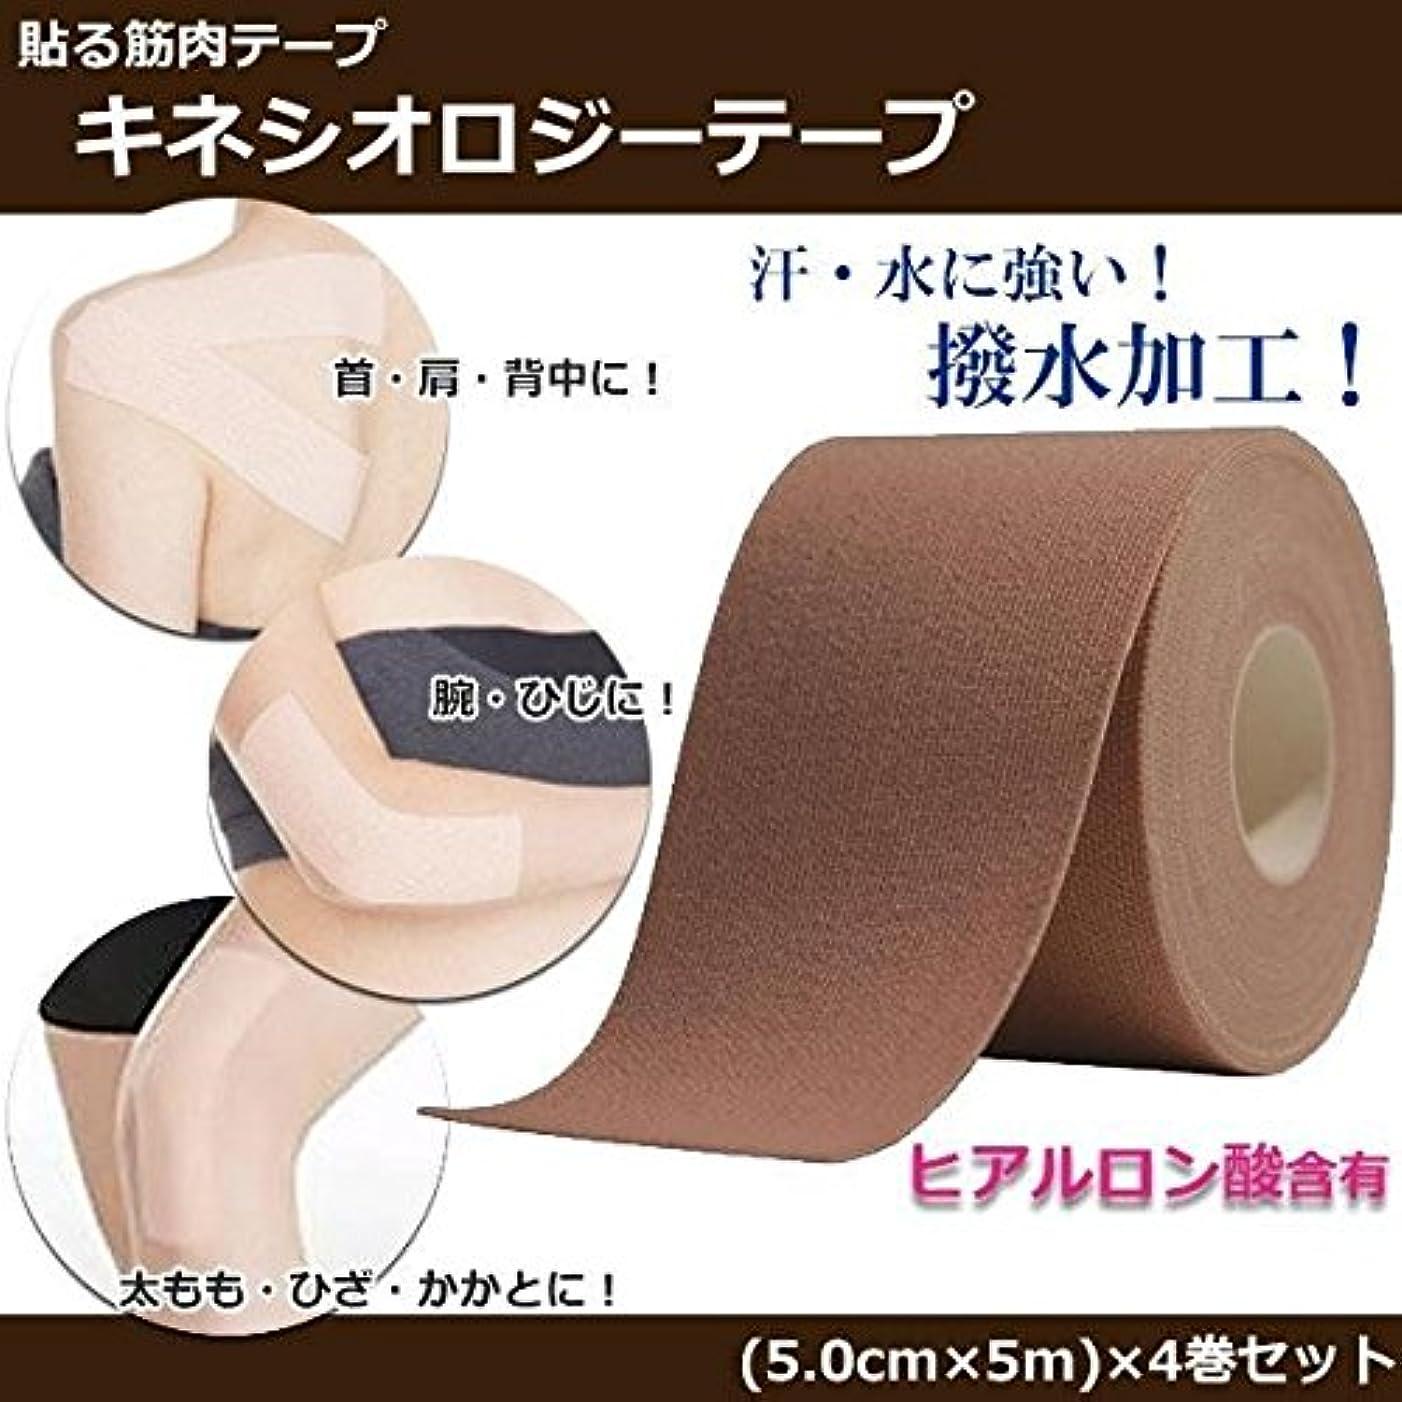 ランドマーク意気込み変な貼る筋肉テープ キネシオロジーテープ ヒアルロン酸含有 日本製 4巻セット